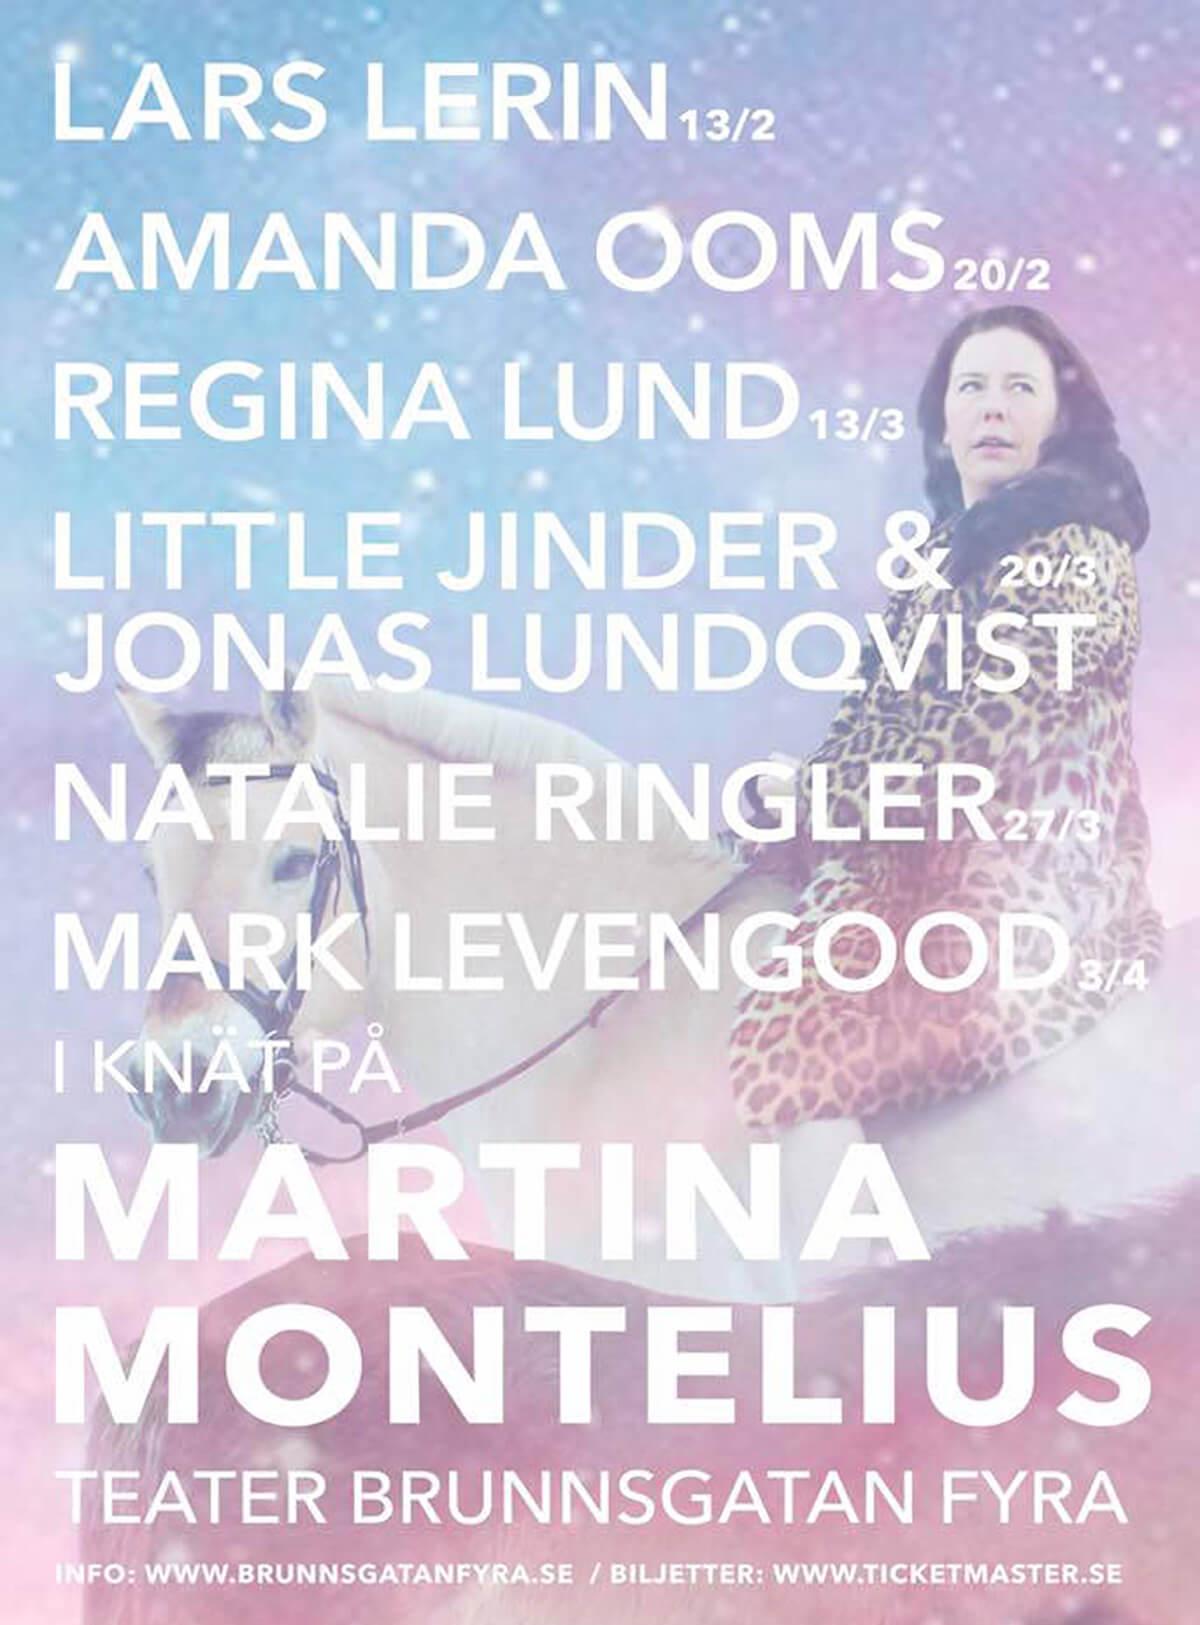 I knät på Martina Montelius